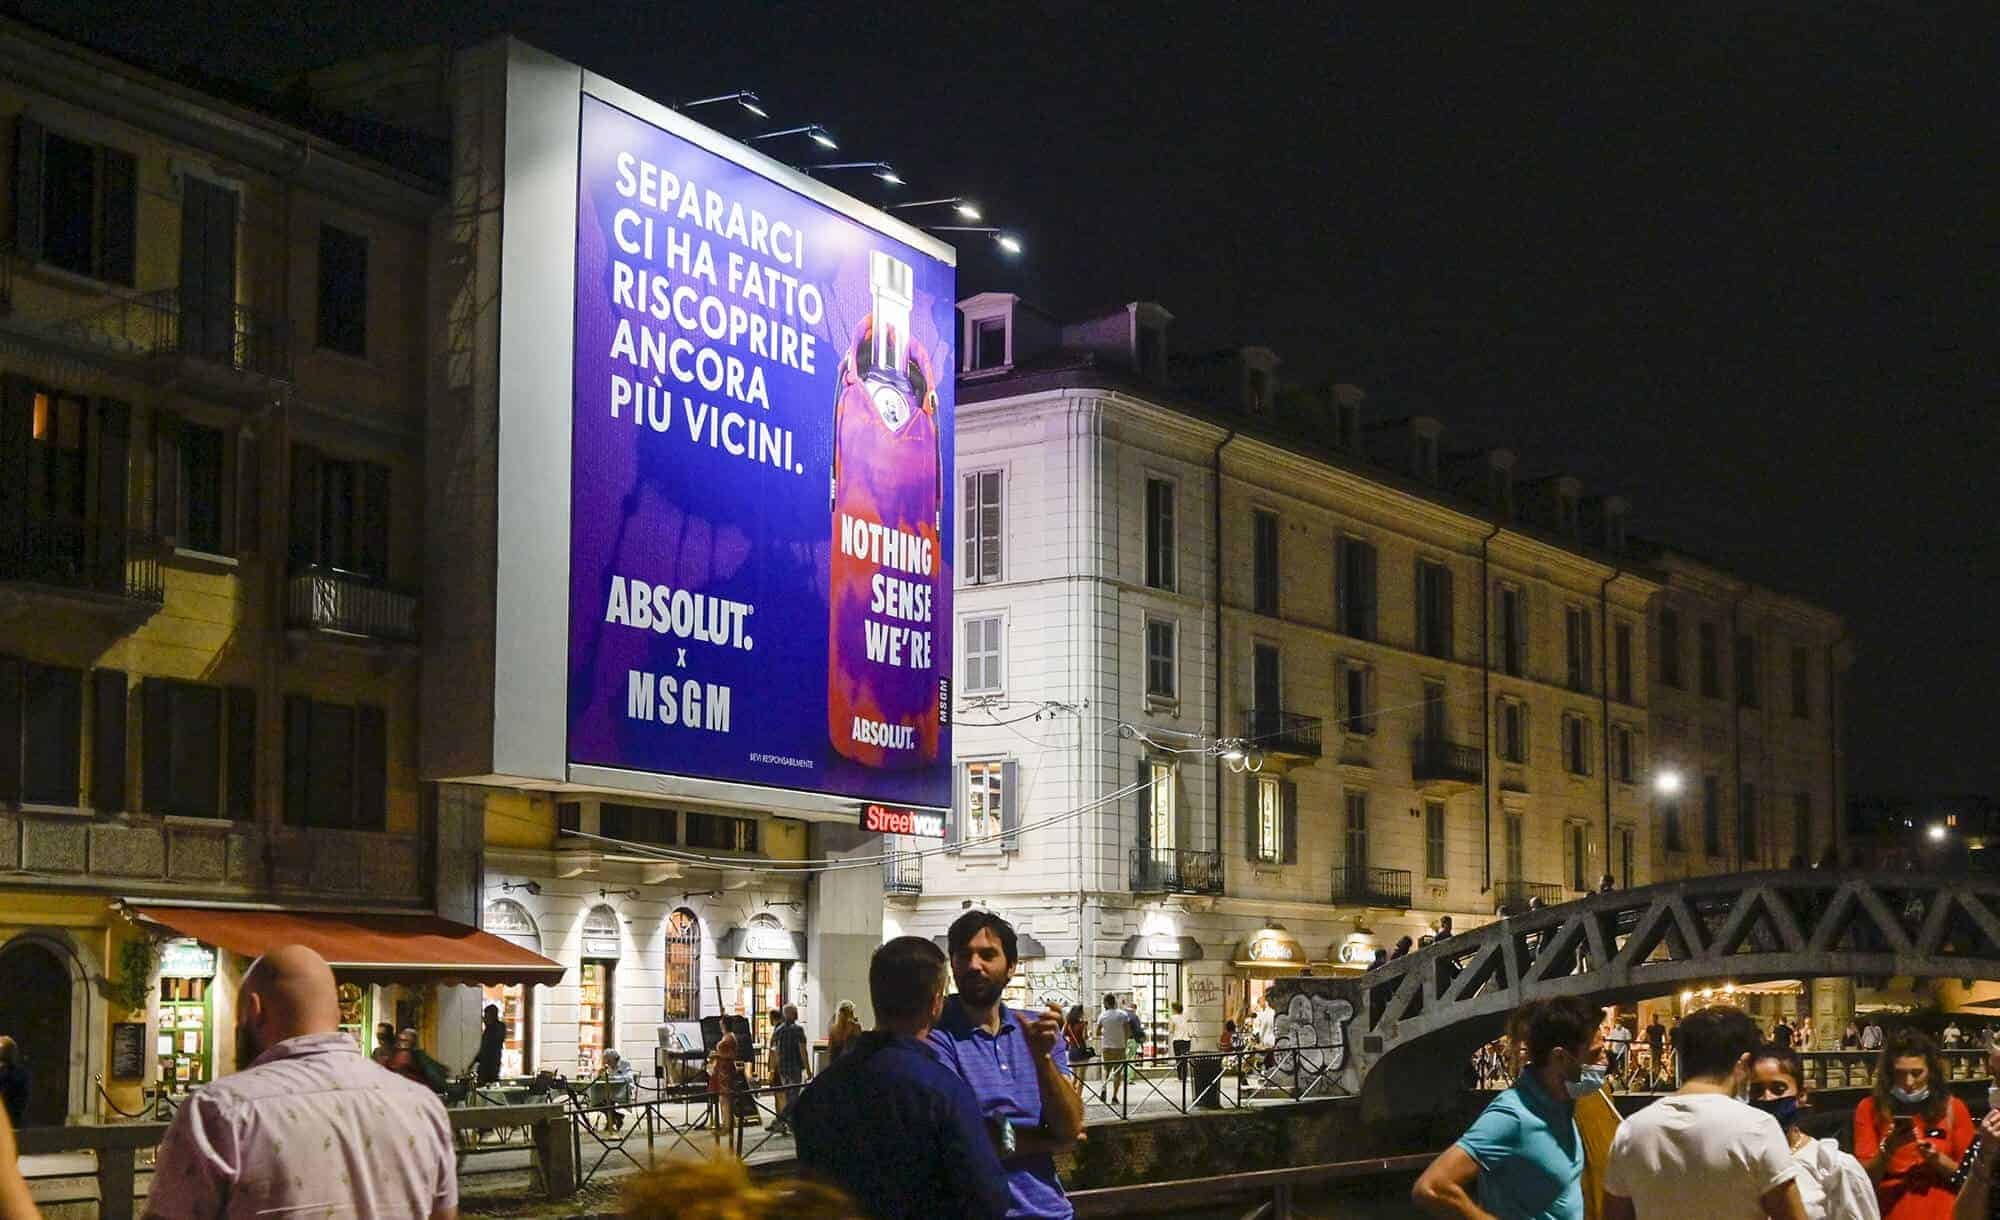 Maxi Affissione Streetvox in Via Corsico 12 sui Navigli a Milano con Absolut e MSGM (beverage & fashion)